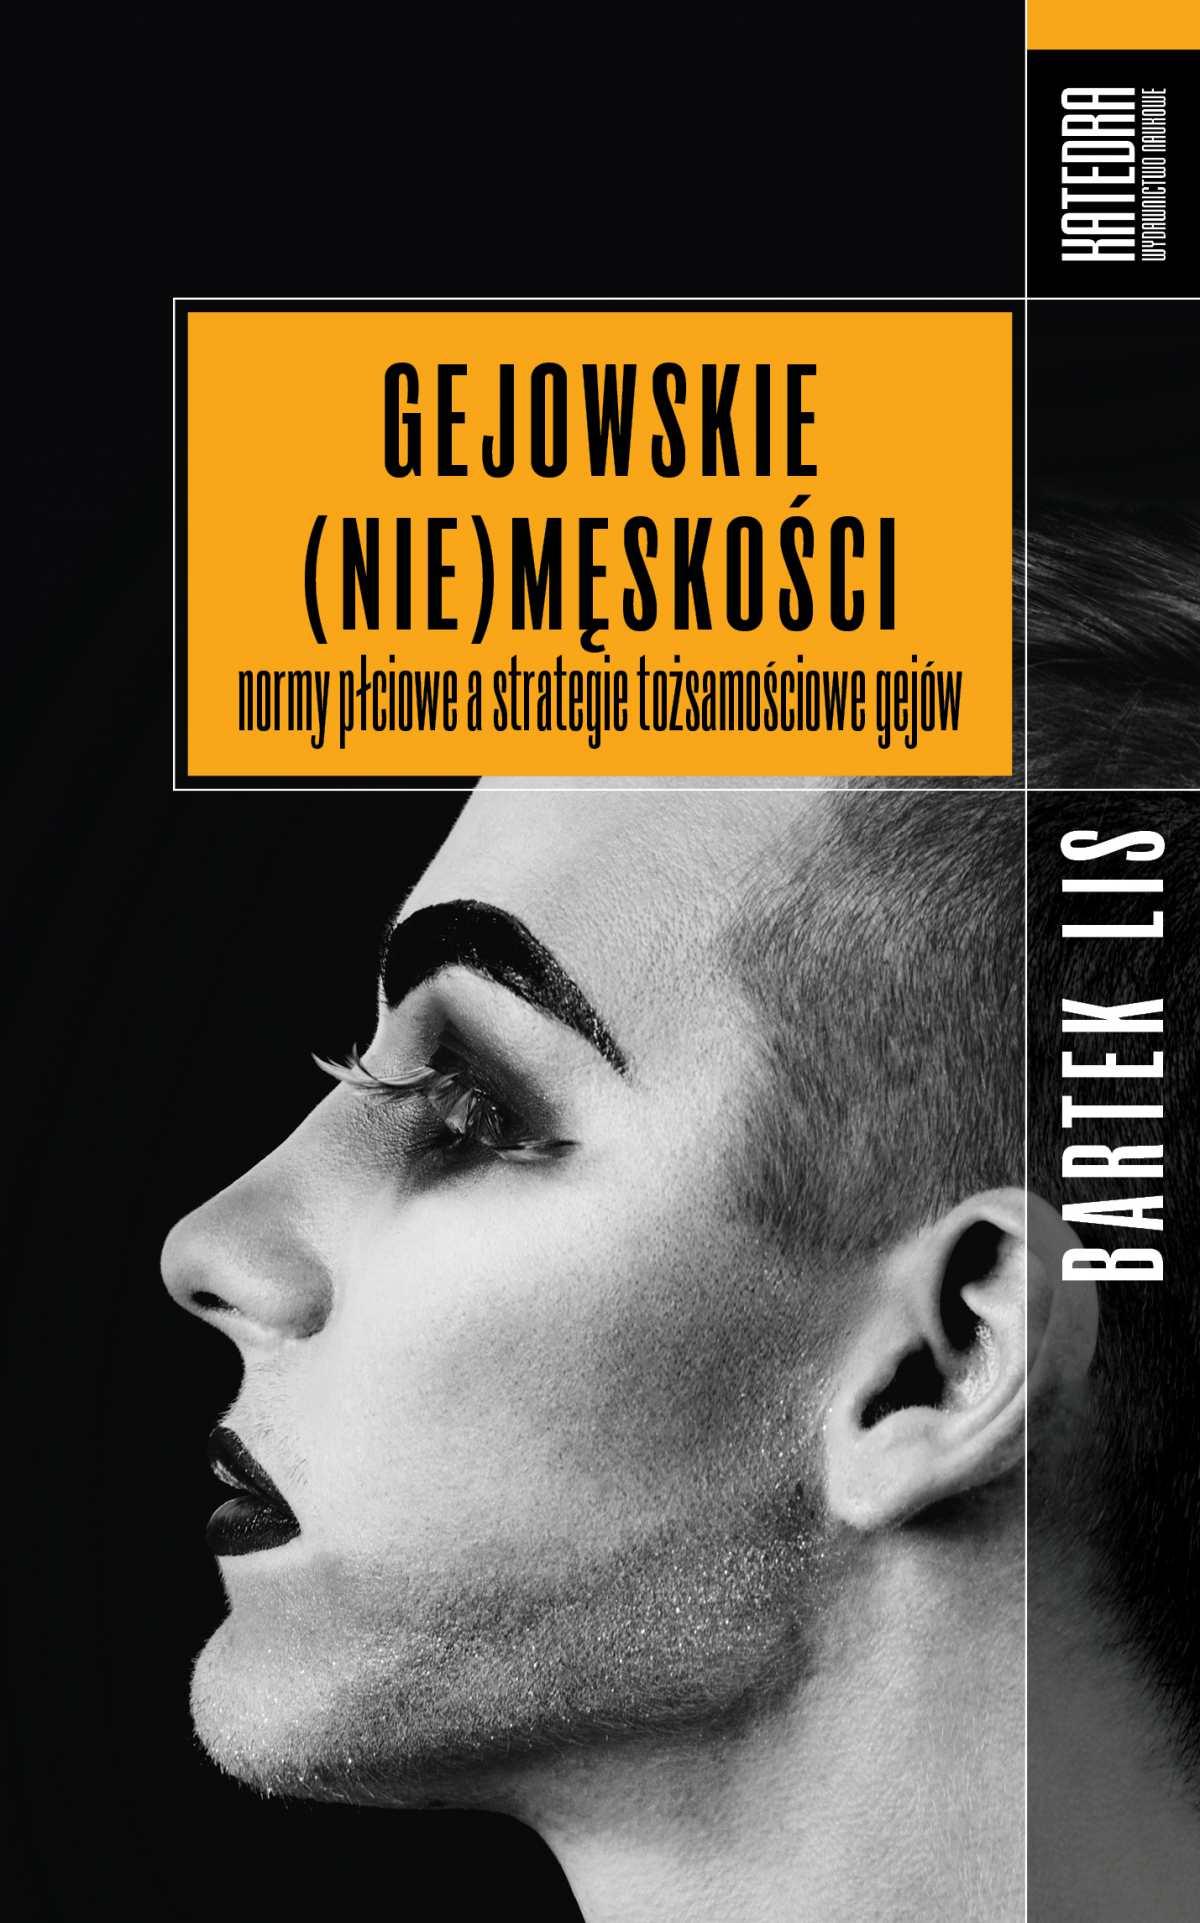 Gejowskie (nie)męskości. Normy płciowe a strategie tożsamościowe gejów - Ebook (Książka EPUB) do pobrania w formacie EPUB